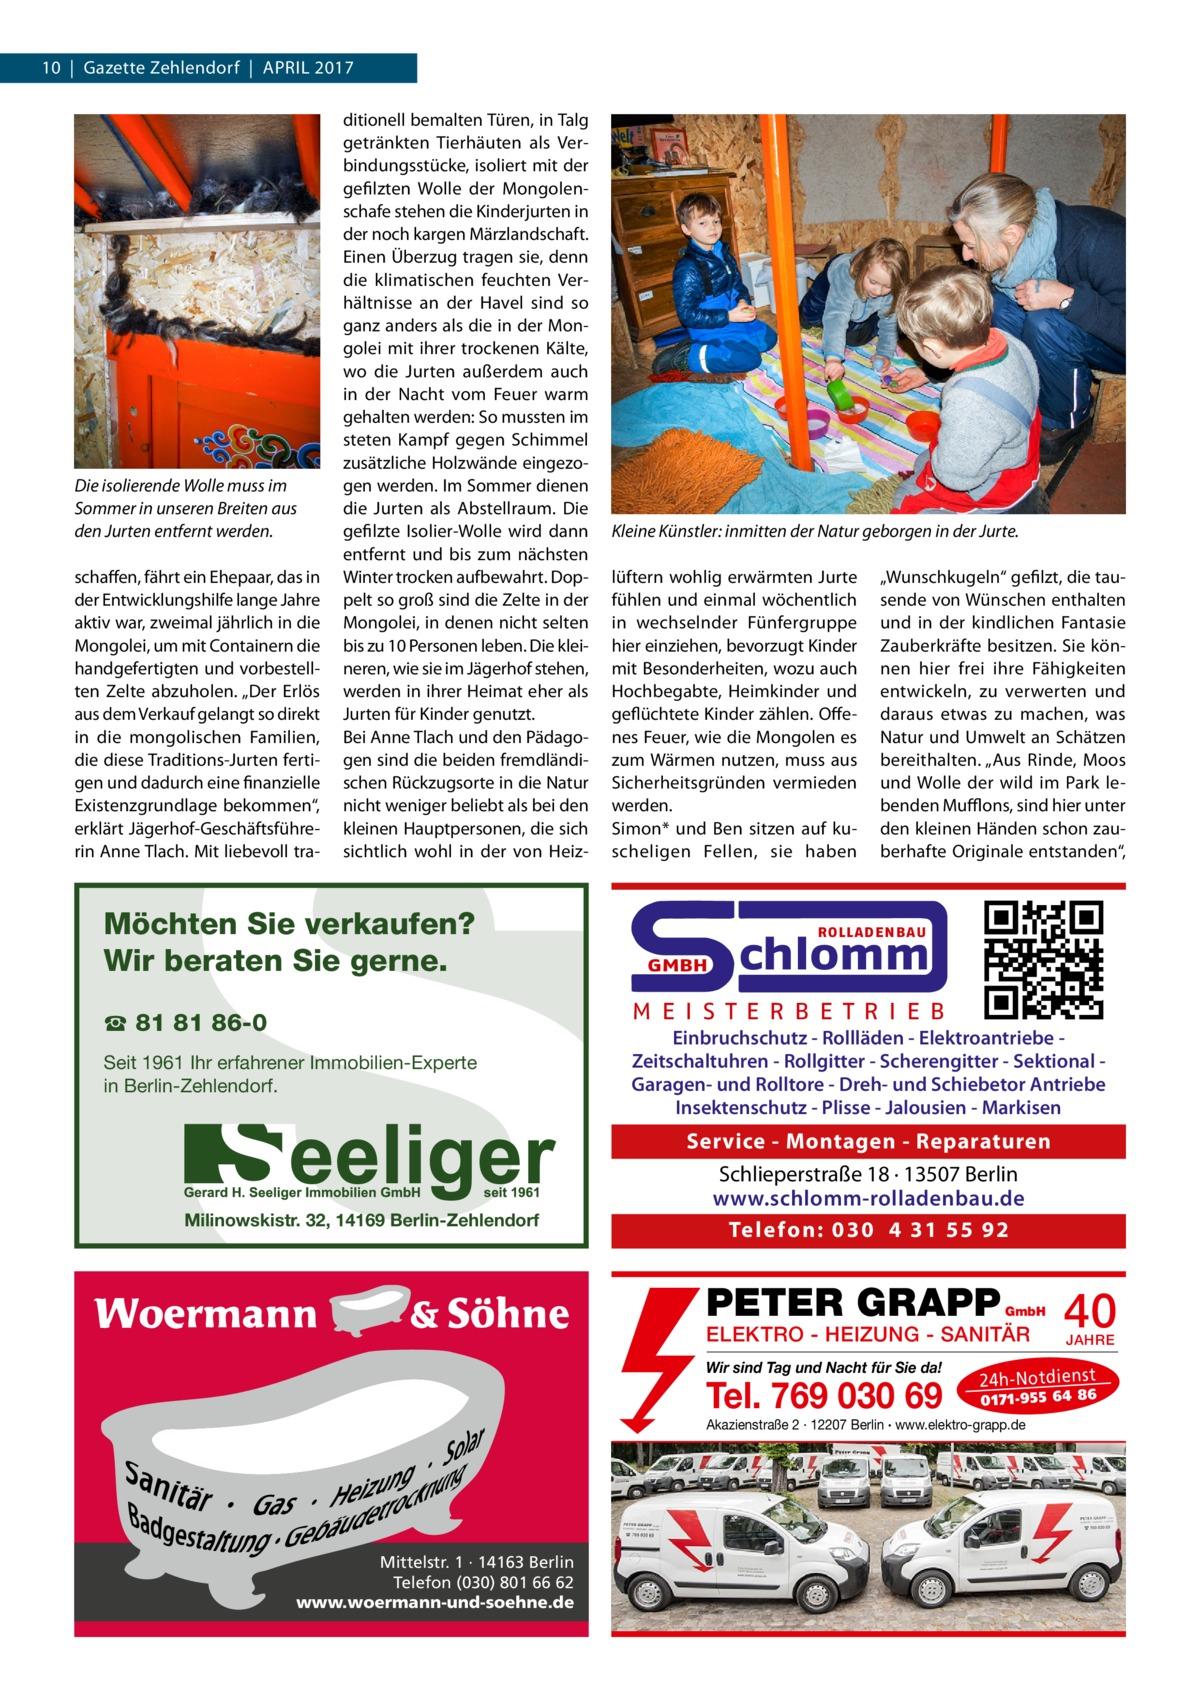 """10 Gazette Zehlendorf April 2017  Die isolierende Wolle muss im Sommer in unseren Breiten aus den Jurten entfernt werden. schaffen, fährt ein Ehepaar, das in der Entwicklungshilfe lange Jahre aktiv war, zweimal jährlich in die Mongolei, um mit Containern die handgefertigten und vorbestellten Zelte abzuholen. """"Der Erlös aus dem Verkauf gelangt so direkt in die mongolischen Familien, die diese Traditions-Jurten fertigen und dadurch eine finanzielle Existenzgrundlage bekommen"""", erklärt Jägerhof-Geschäftsführerin Anne Tlach. Mit liebevoll tra ditionell bemalten Türen, in Talg getränkten Tierhäuten als Verbindungsstücke, isoliert mit der gefilzten Wolle der Mongolenschafe stehen die Kinderjurten in der noch kargen Märzlandschaft. Einen Überzug tragen sie, denn die klimatischen feuchten Verhältnisse an der Havel sind so ganz anders als die in der Mongolei mit ihrer trockenen Kälte, wo die Jurten außerdem auch in der Nacht vom Feuer warm gehalten werden: So mussten im steten Kampf gegen Schimmel zusätzliche Holzwände eingezogen werden. Im Sommer dienen die Jurten als Abstellraum. Die gefilzte Isolier-Wolle wird dann entfernt und bis zum nächsten Winter trocken aufbewahrt. Doppelt so groß sind die Zelte in der Mongolei, in denen nicht selten bis zu 10 Personen leben. Die kleineren, wie sie im Jägerhof stehen, werden in ihrer Heimat eher als Jurten für Kinder genutzt. Bei Anne Tlach und den Pädagogen sind die beiden fremdländischen Rückzugsorte in die Natur nicht weniger beliebt als bei den kleinen Hauptpersonen, die sich sichtlich wohl in der von Heiz Kleine Künstler: inmitten der Natur geborgen in der Jurte. lüftern wohlig erwärmten Jurte fühlen und einmal wöchentlich in wechselnder Fünfergruppe hier einziehen, bevorzugt Kinder mit Besonderheiten, wozu auch Hochbegabte, Heimkinder und geflüchtete Kinder zählen. Offenes Feuer, wie die Mongolen es zum Wärmen nutzen, muss aus Sicherheitsgründen vermieden werden. Simon* und Ben sitzen auf kuscheligen Fellen, sie haben  S  Möch"""